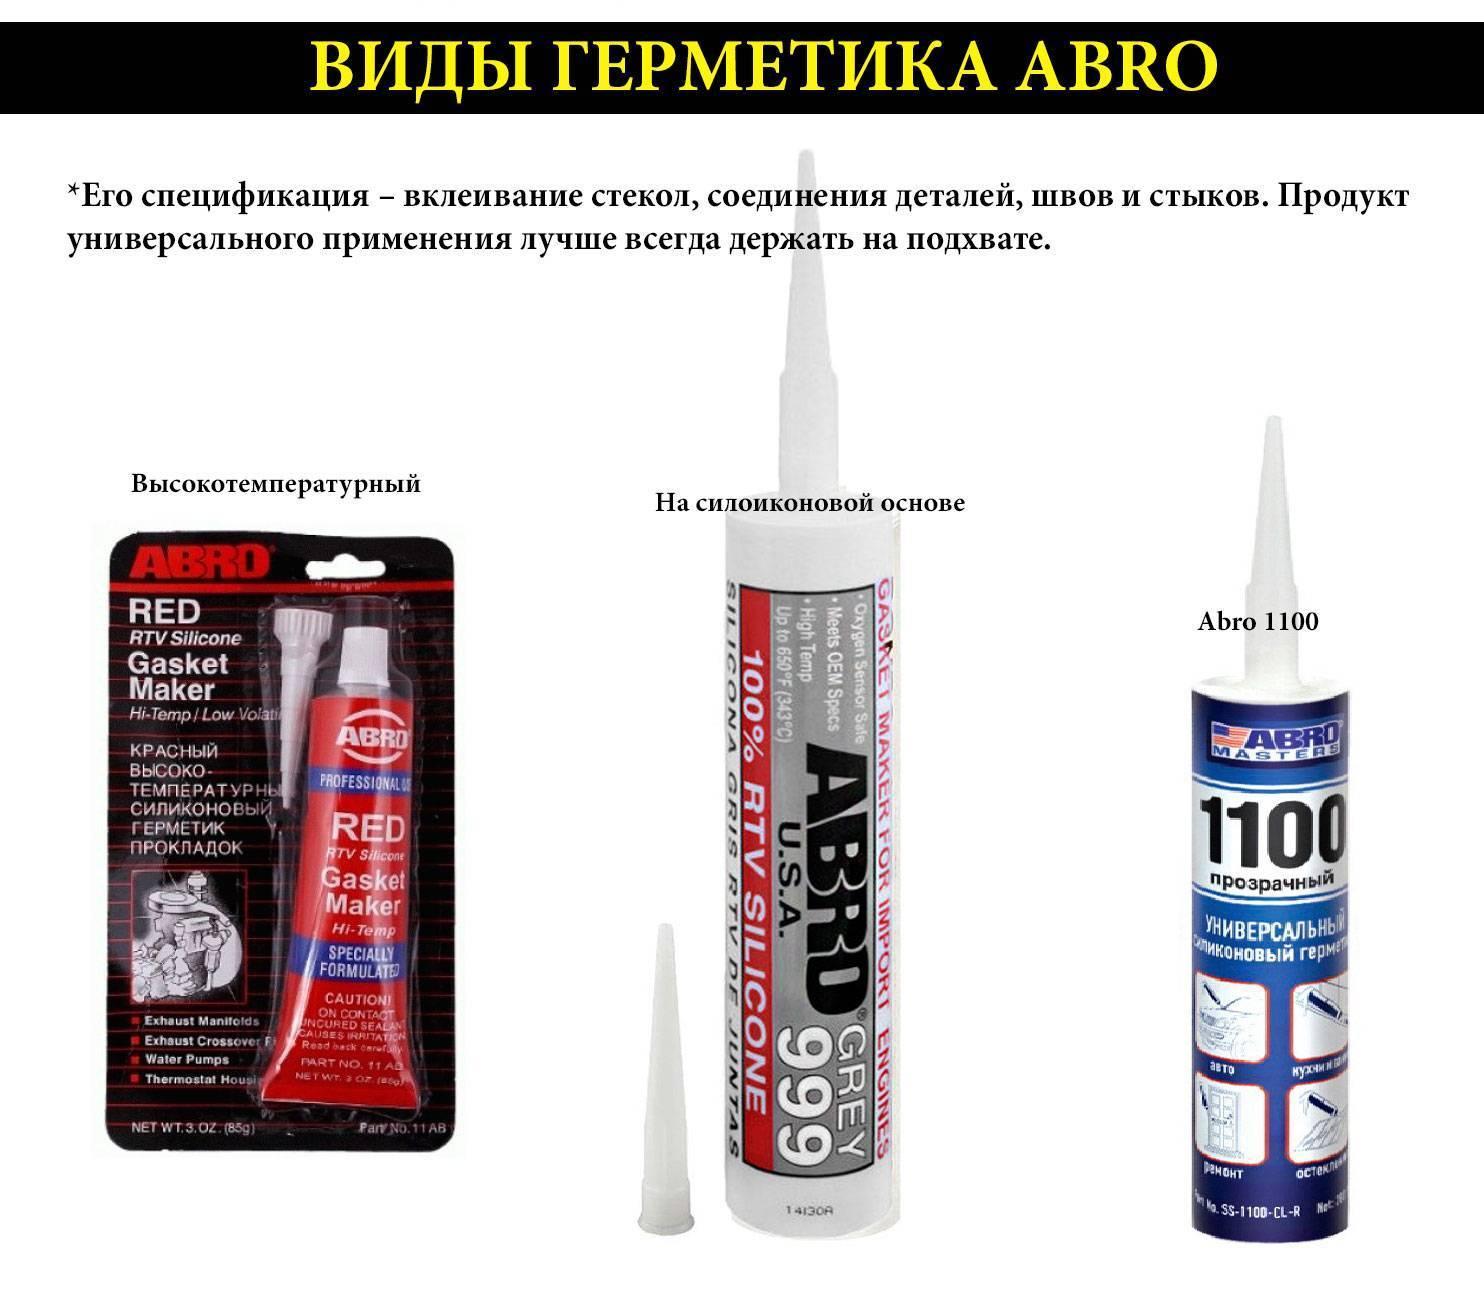 Термостойкий высокотемпературный герметик для печей, каминов и труб дымохода